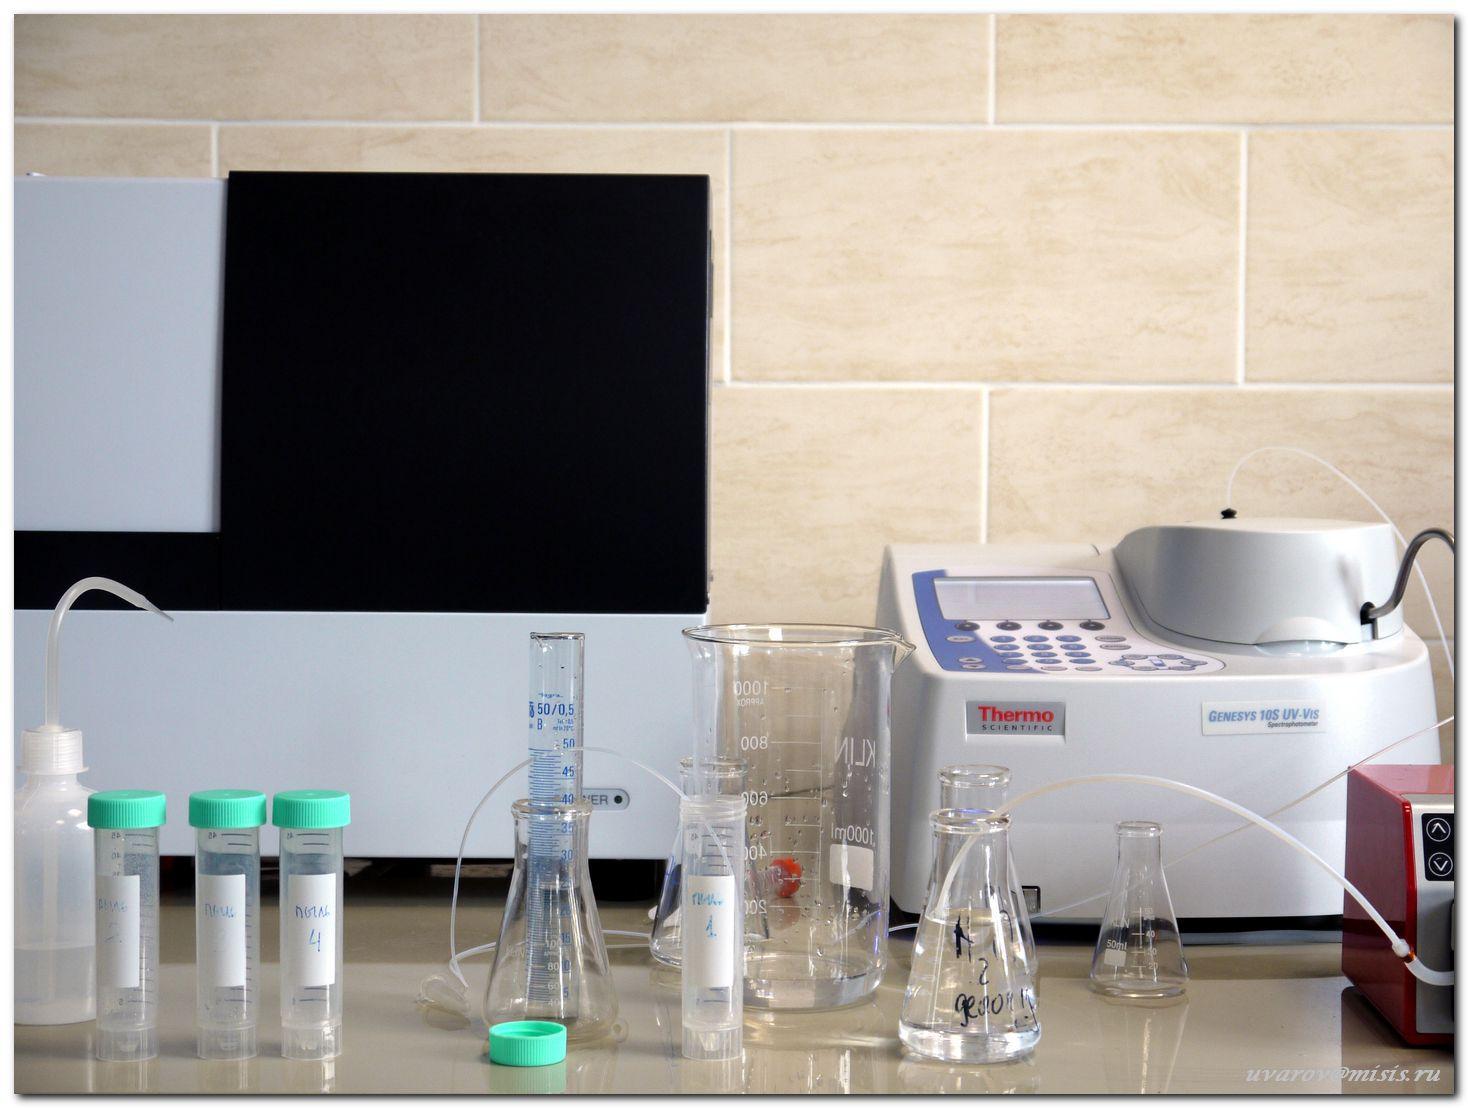 Лабораторный анализ наночастиц пыли или как узнать, чем мы дышим? - 18